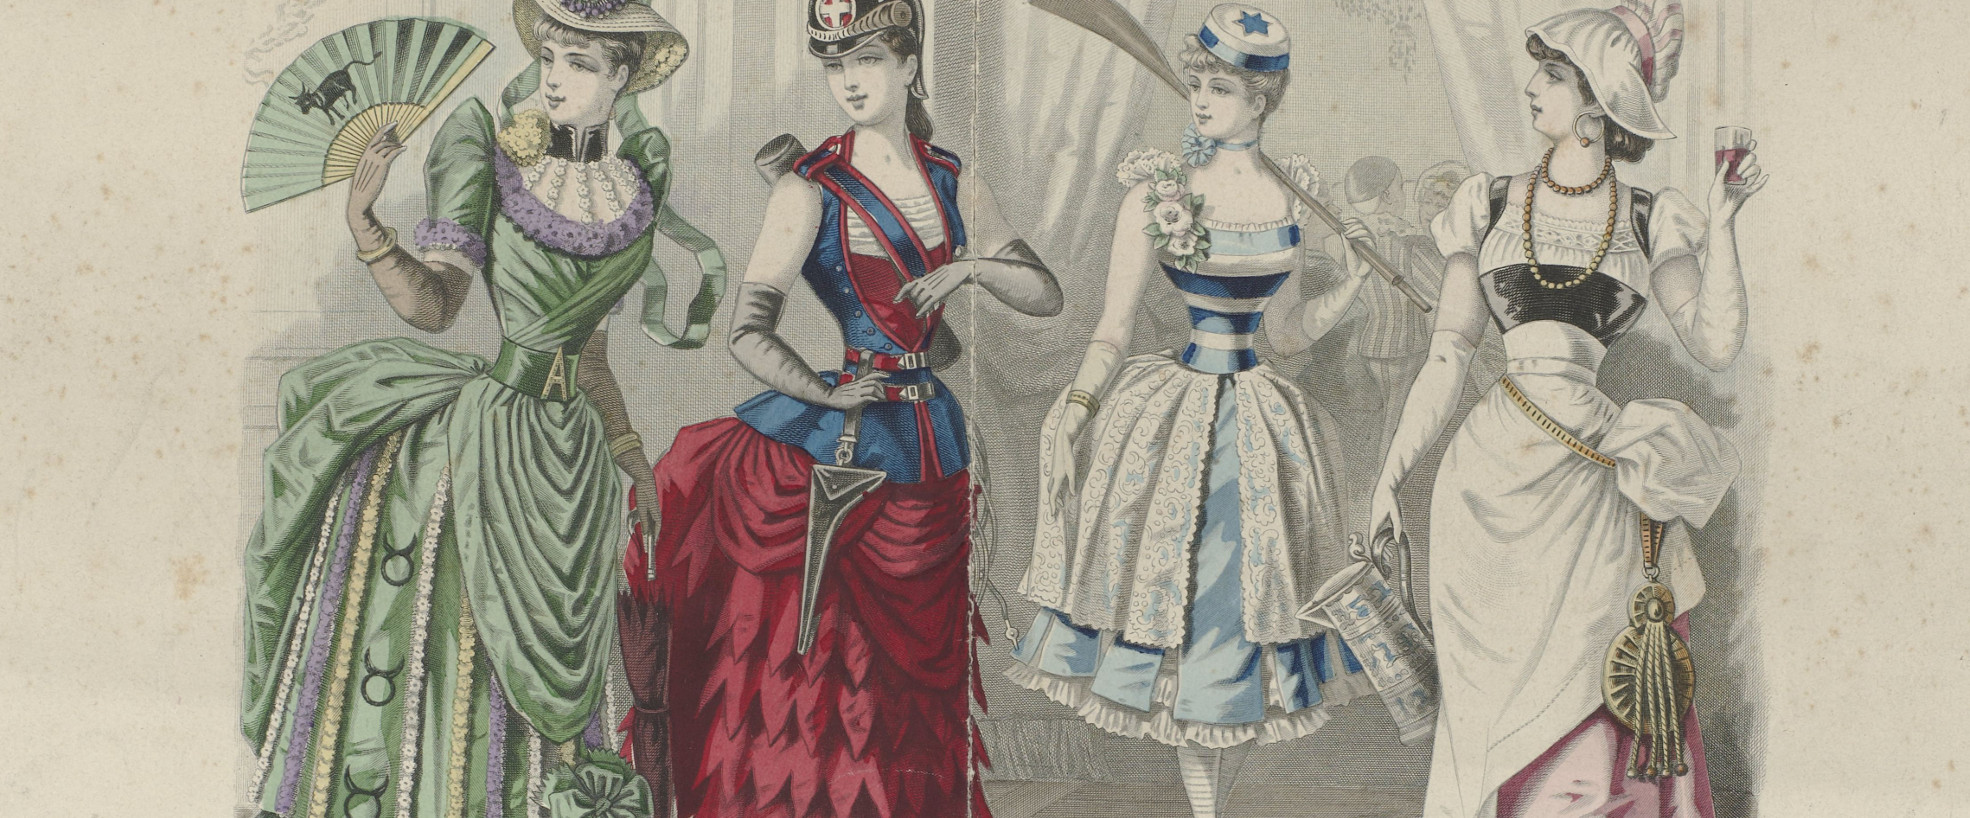 ff402da8c09c Neoclassicismo - Noleggio costumi e abiti d epoca